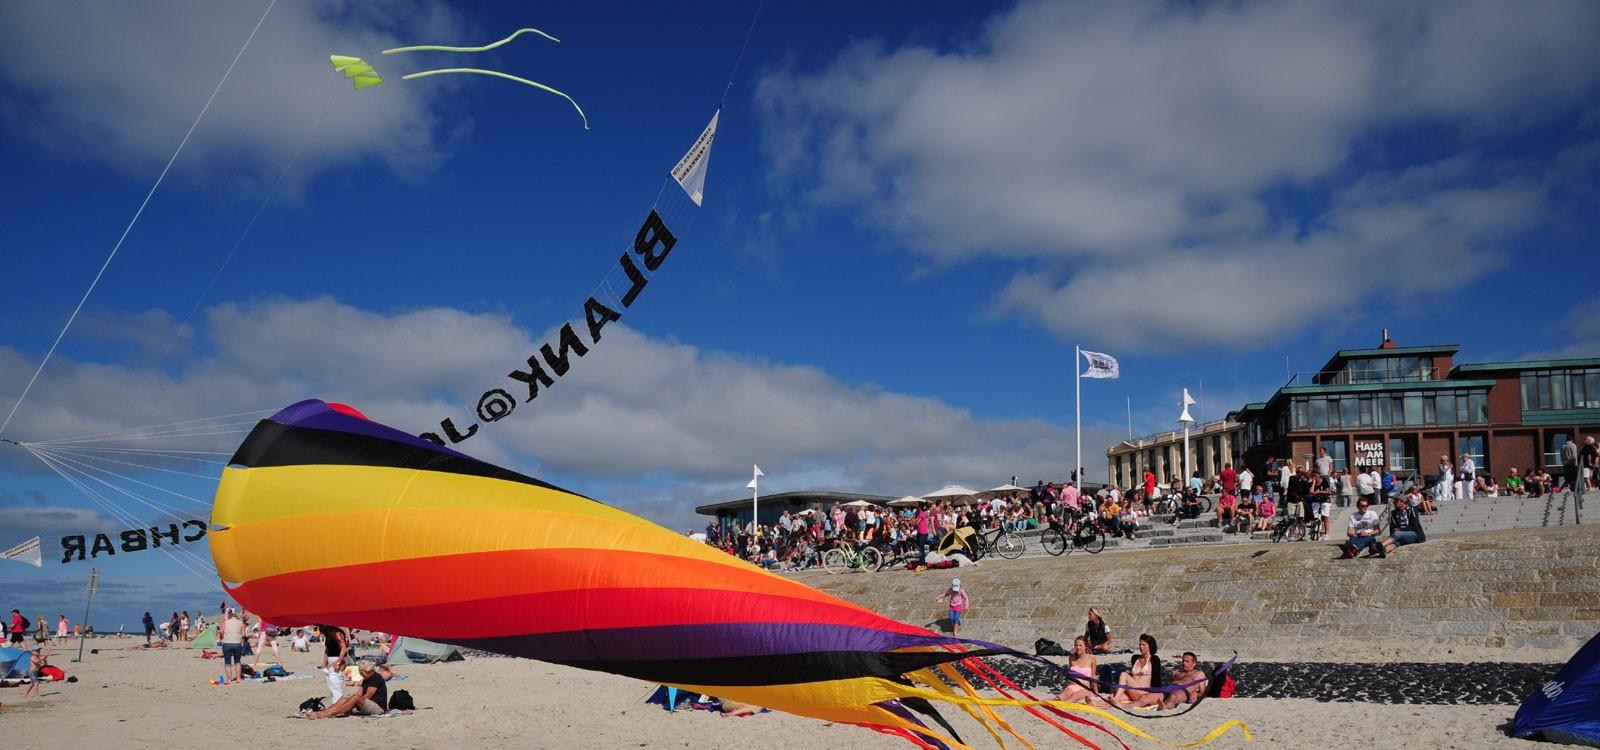 Drachen am Strand von Norderney